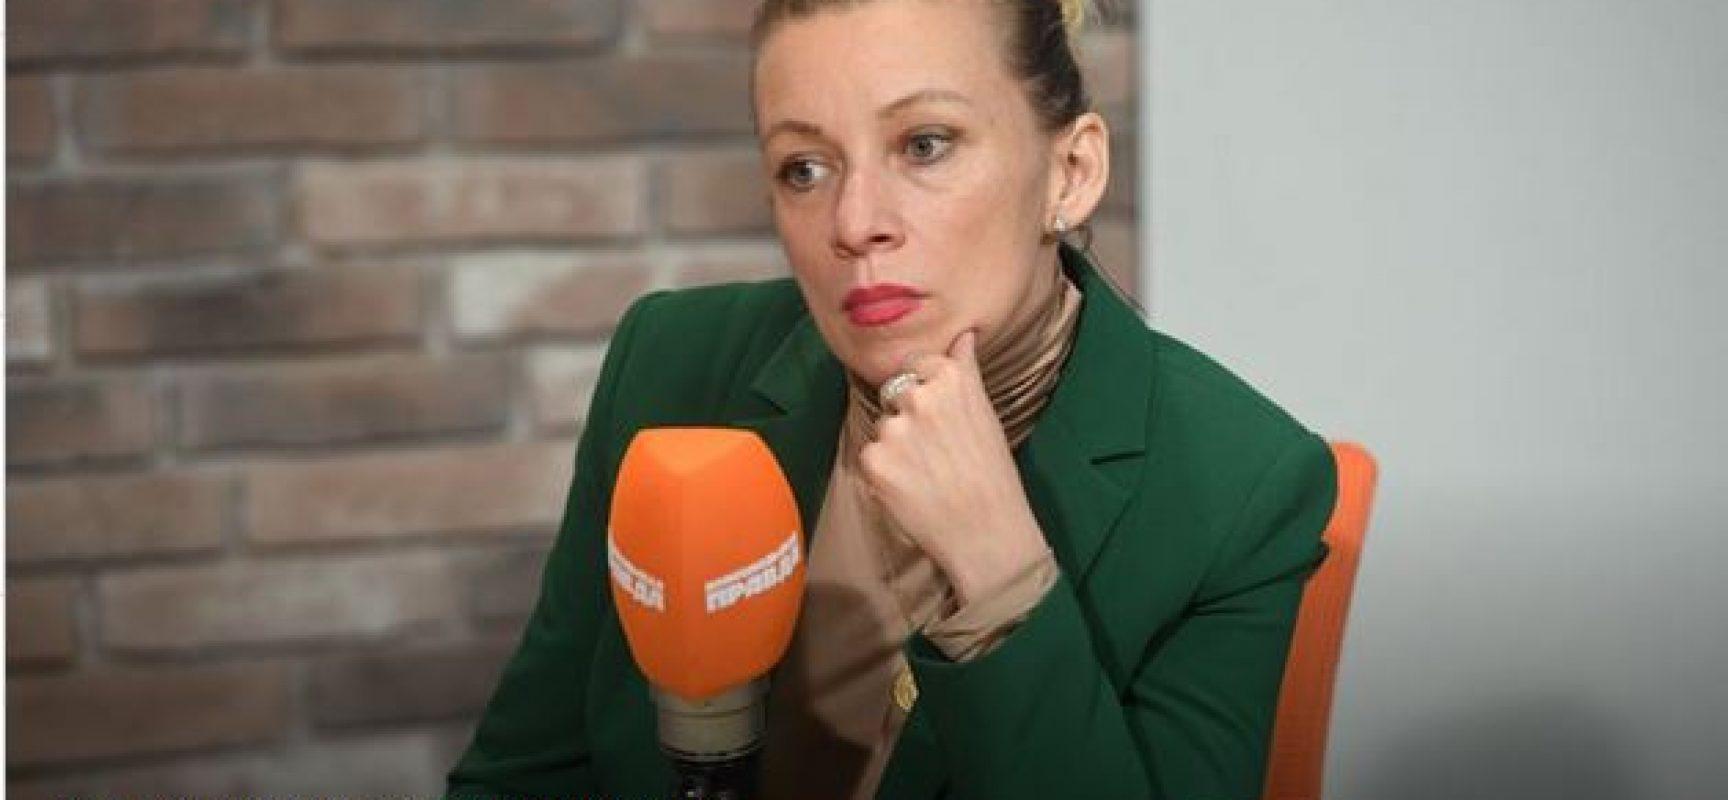 Pressesprecherin des russischen Außenministeriums: Krim-Annexion ist bestes Beispiel von Demokratie